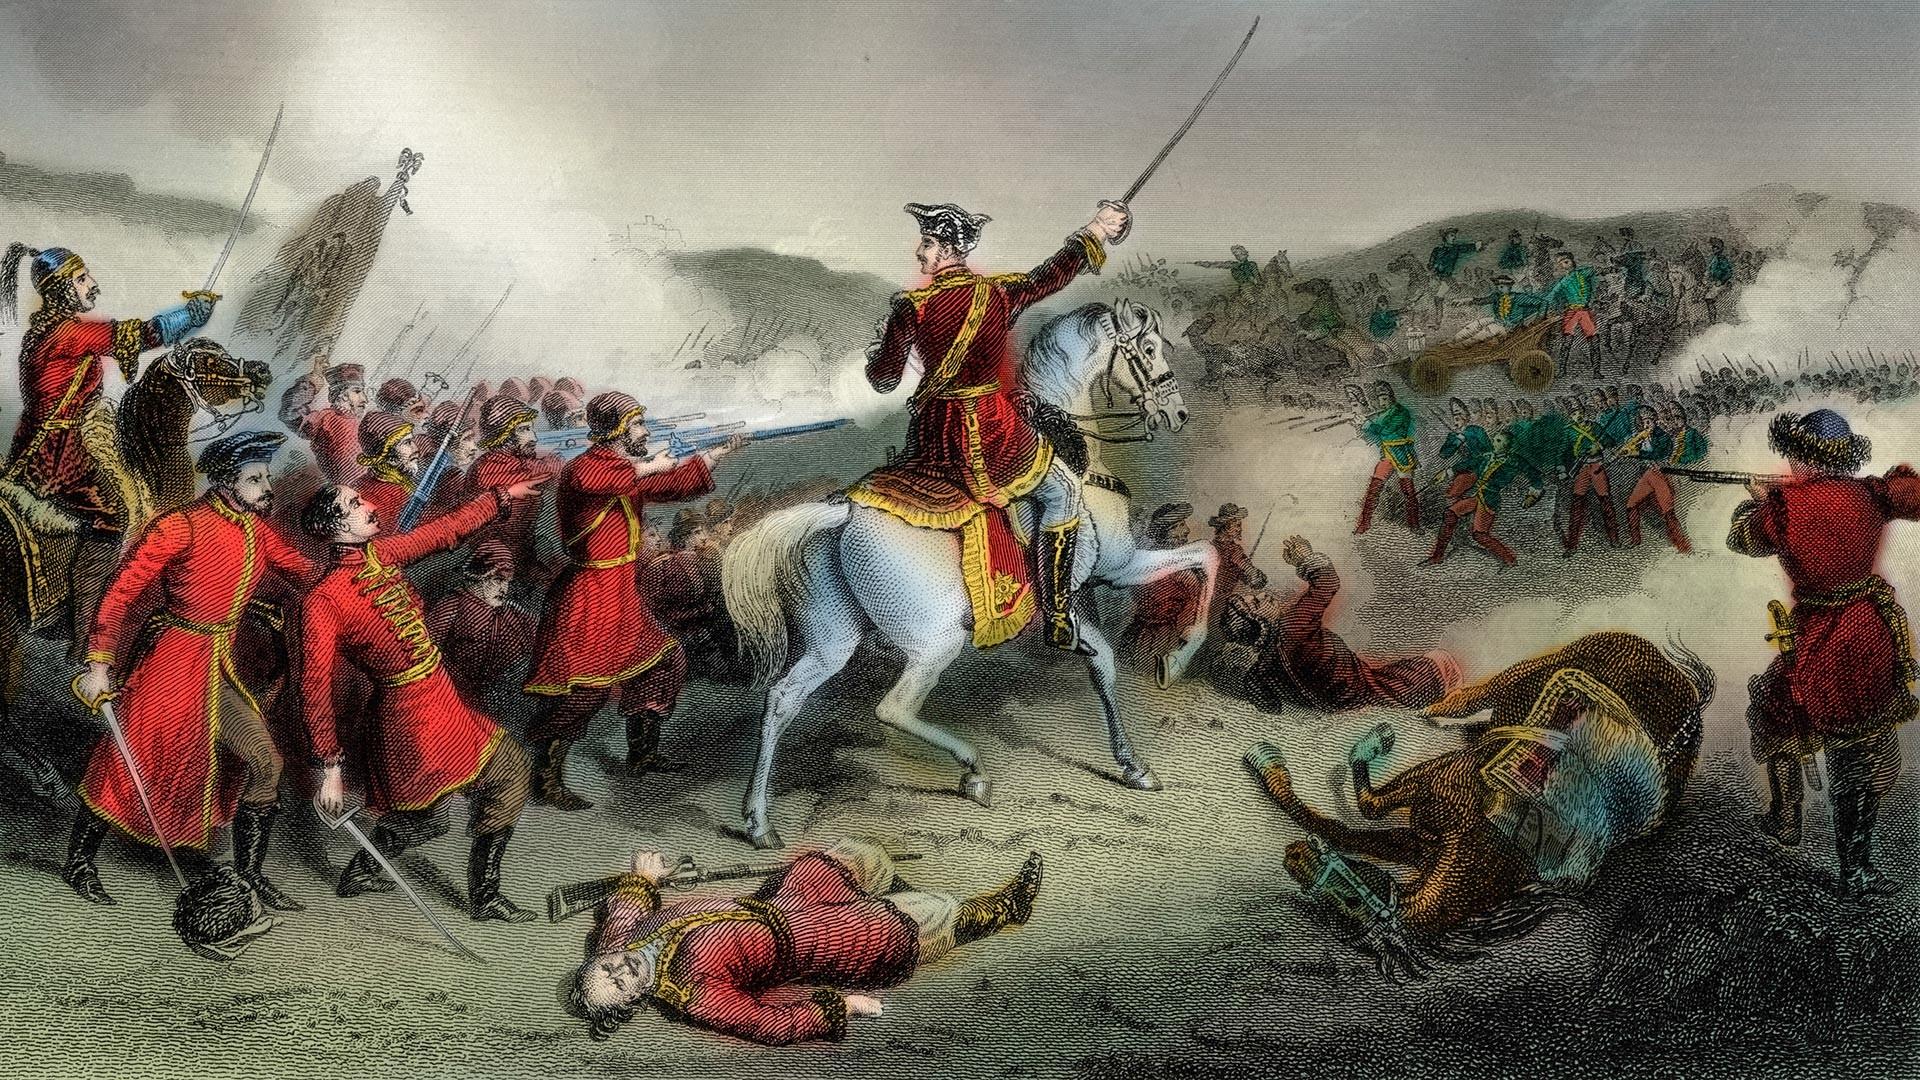 La battaglia di Poltava del 27 giugno 1709 fu la vittoria decisiva di Pietro I di Russia su Carlo XII di Svezia in una delle battaglie della Grande guerra del nord (1700-21) tra Russia e Svezia